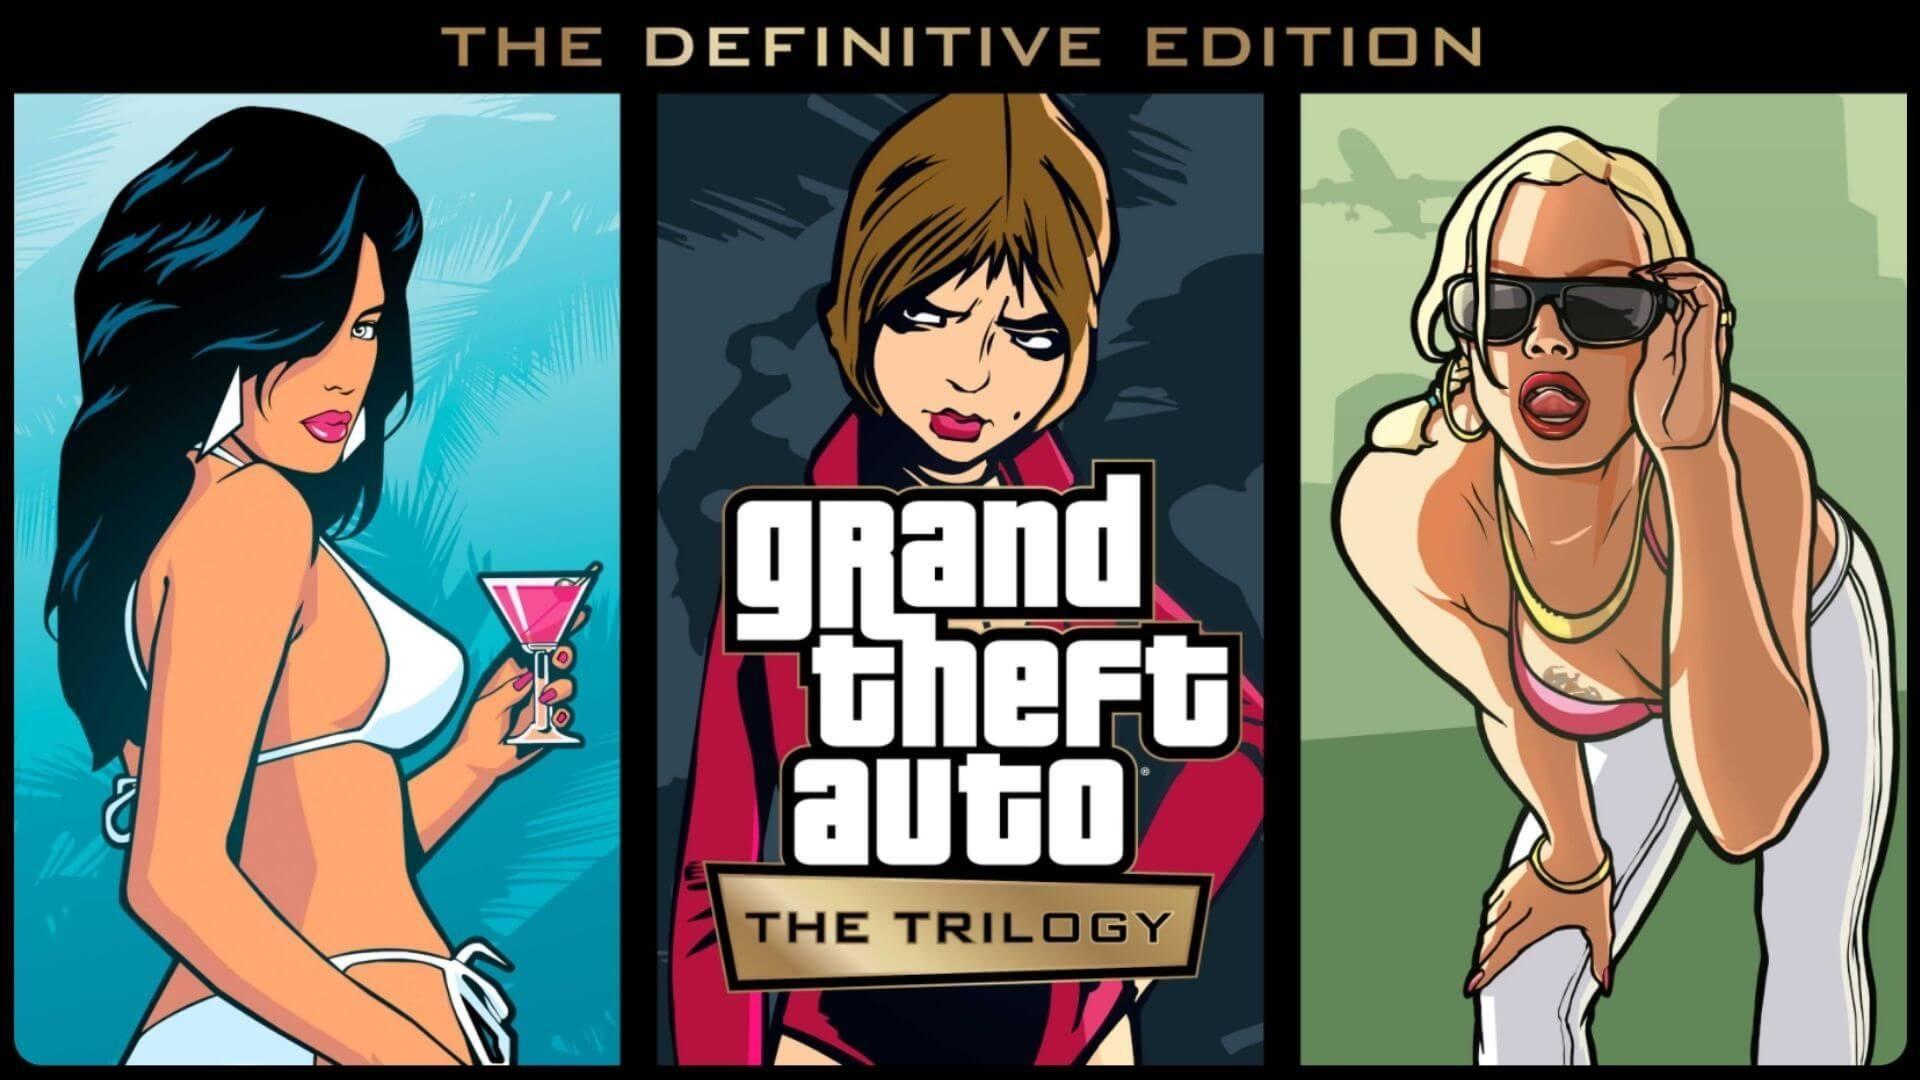 Rockstar confirmă lansarea trilogiei remaster Grand Theft Auto; Se anunță variante pentru PC, console și dispozitive cellular thumbnail